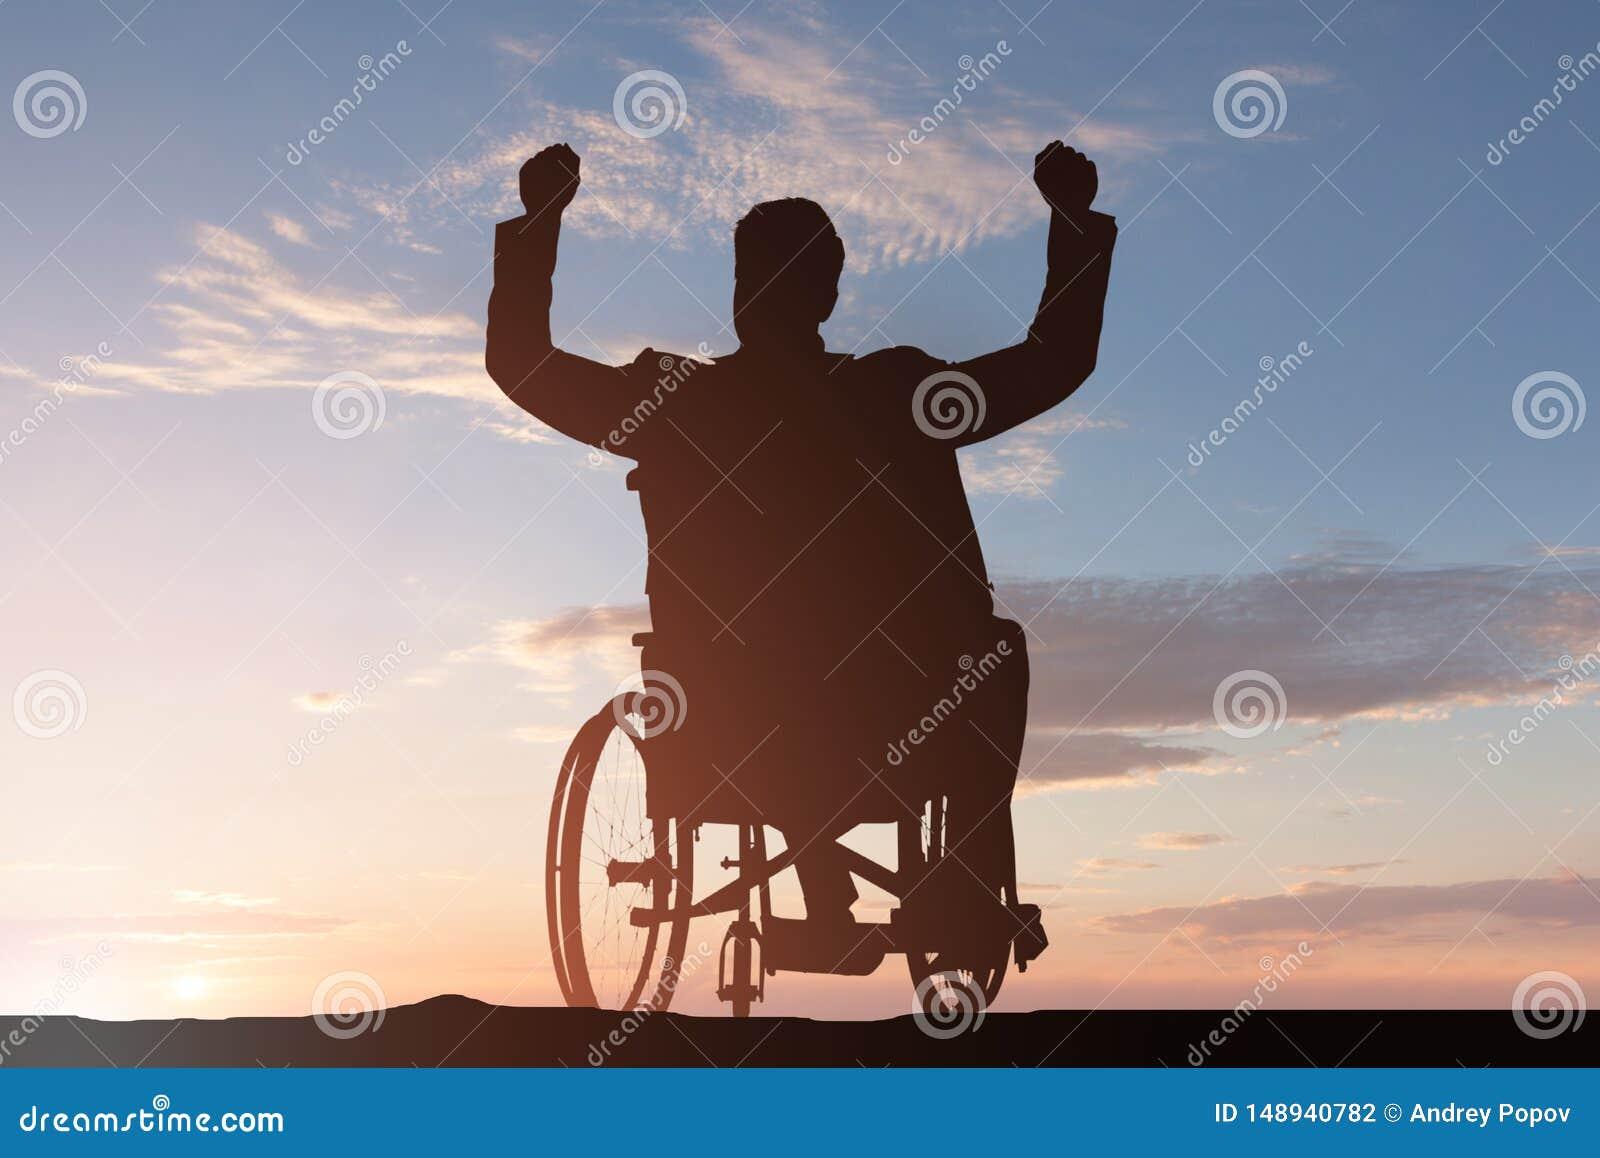 Siluetta di un uomo disabile sulla sedia a rotelle